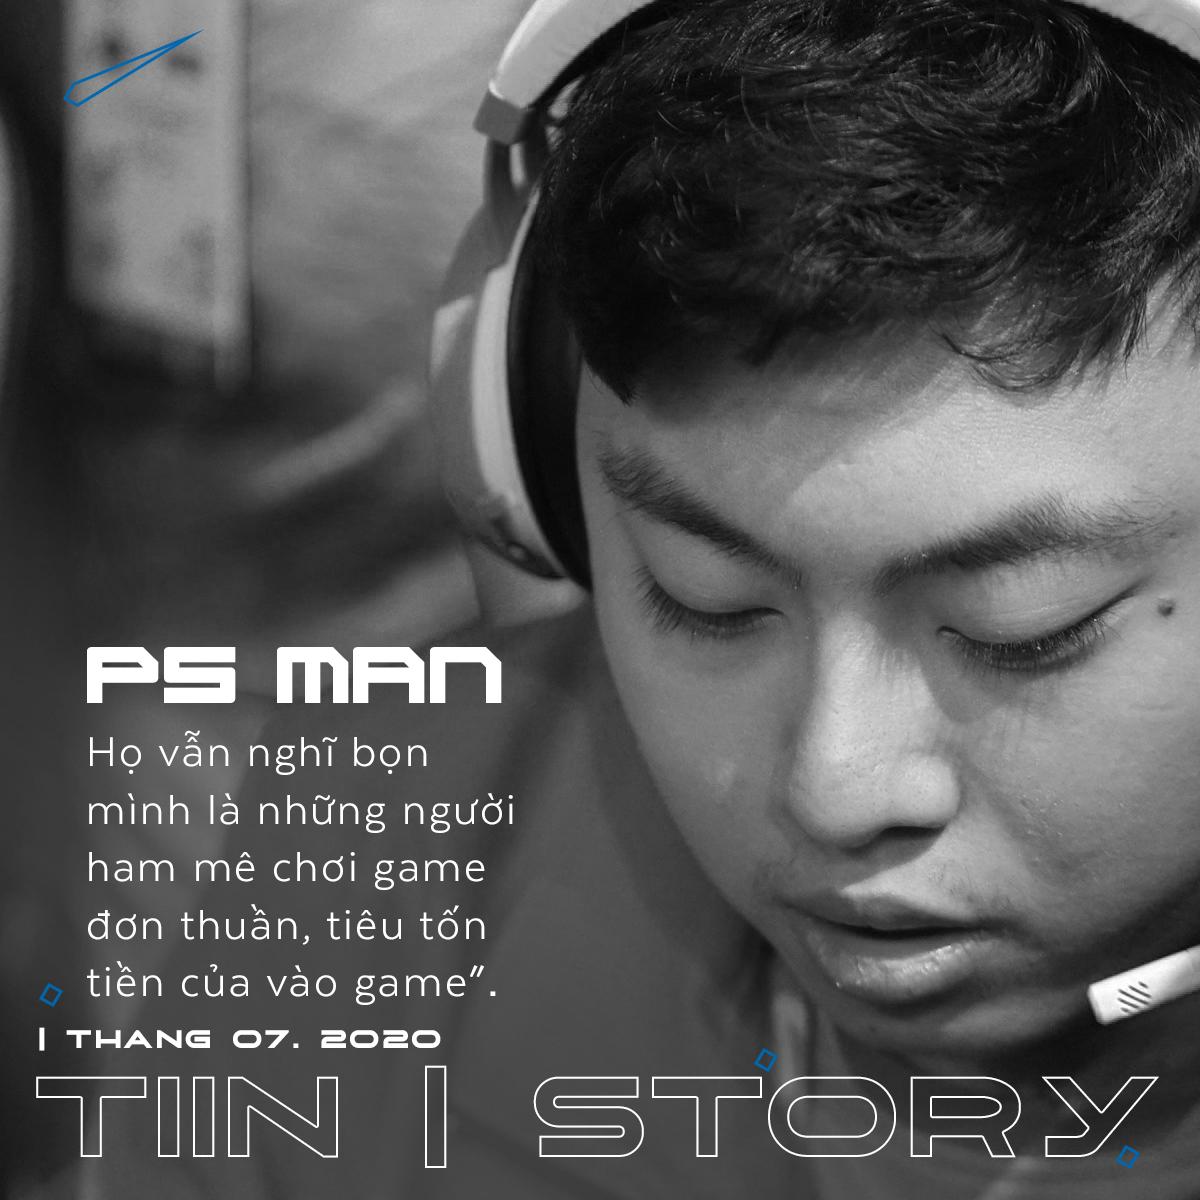 PS Man lần đầu kể chuyện từ bỏ đại học để theo đuổi đam mê: 'Cuộc chiến này mình là người thắng'